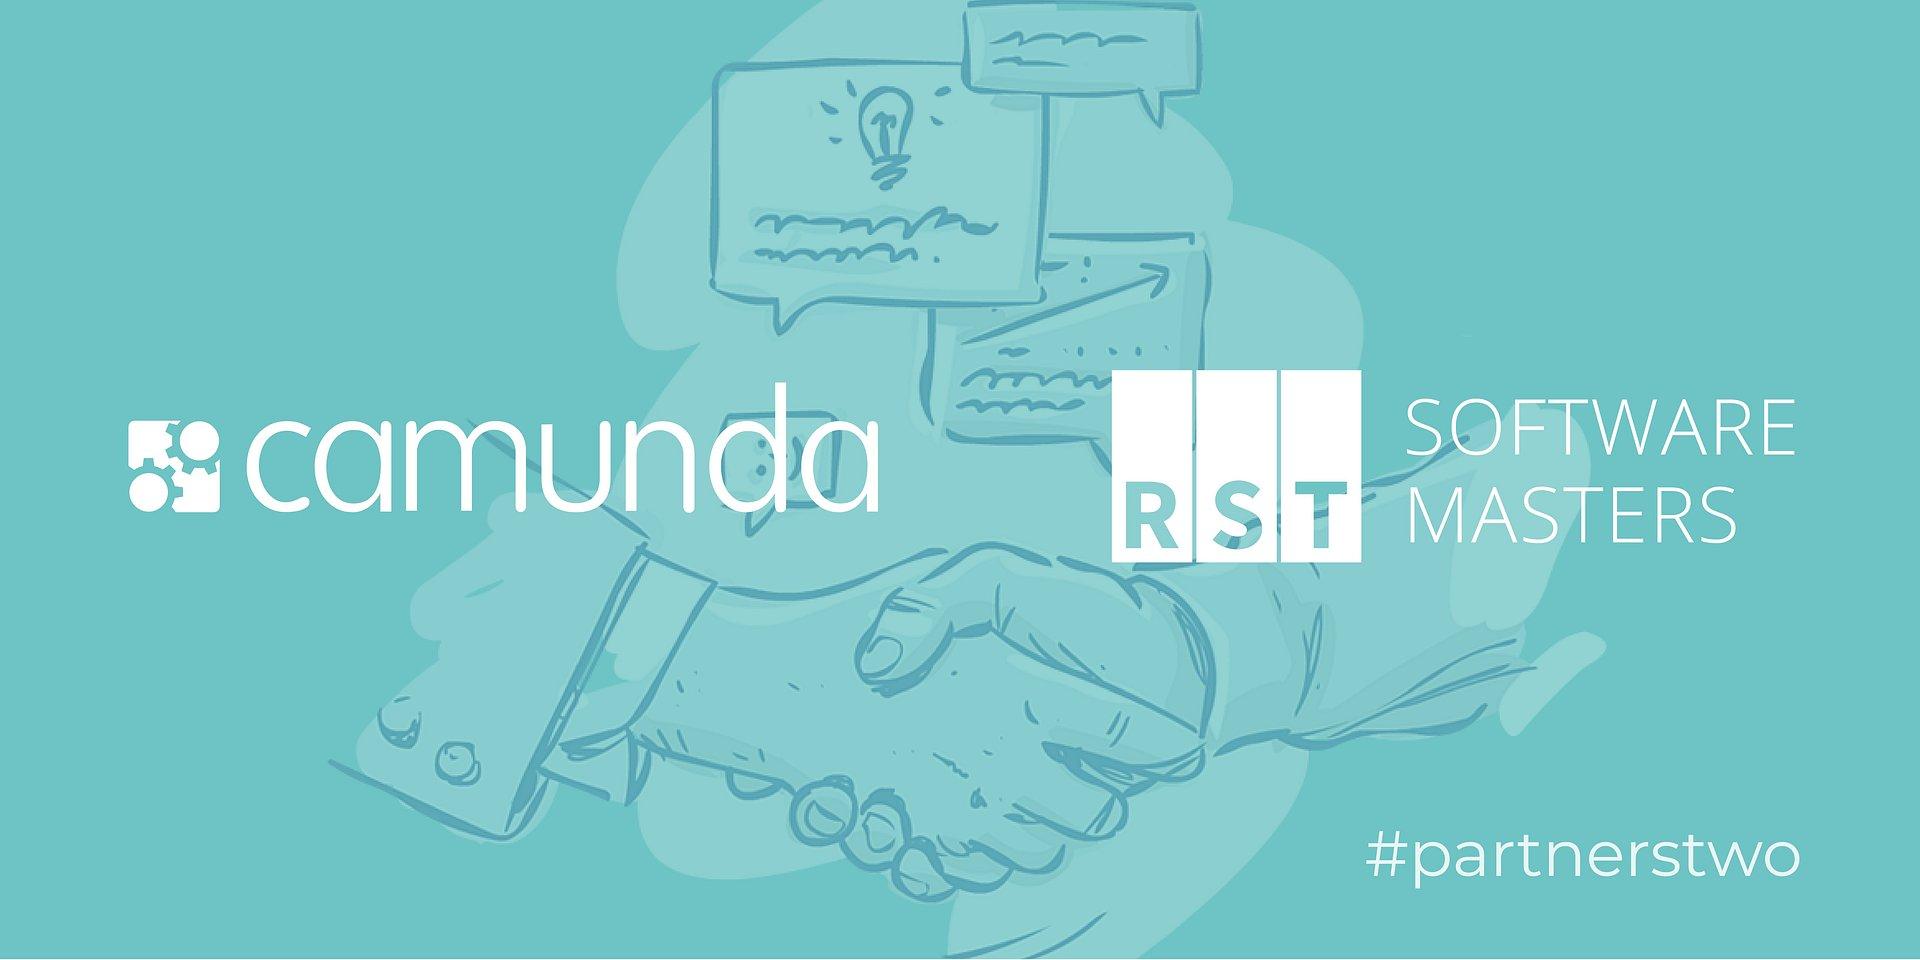 Jesteśmy jedynym oficjalnym partnerem Camunda w Polsce